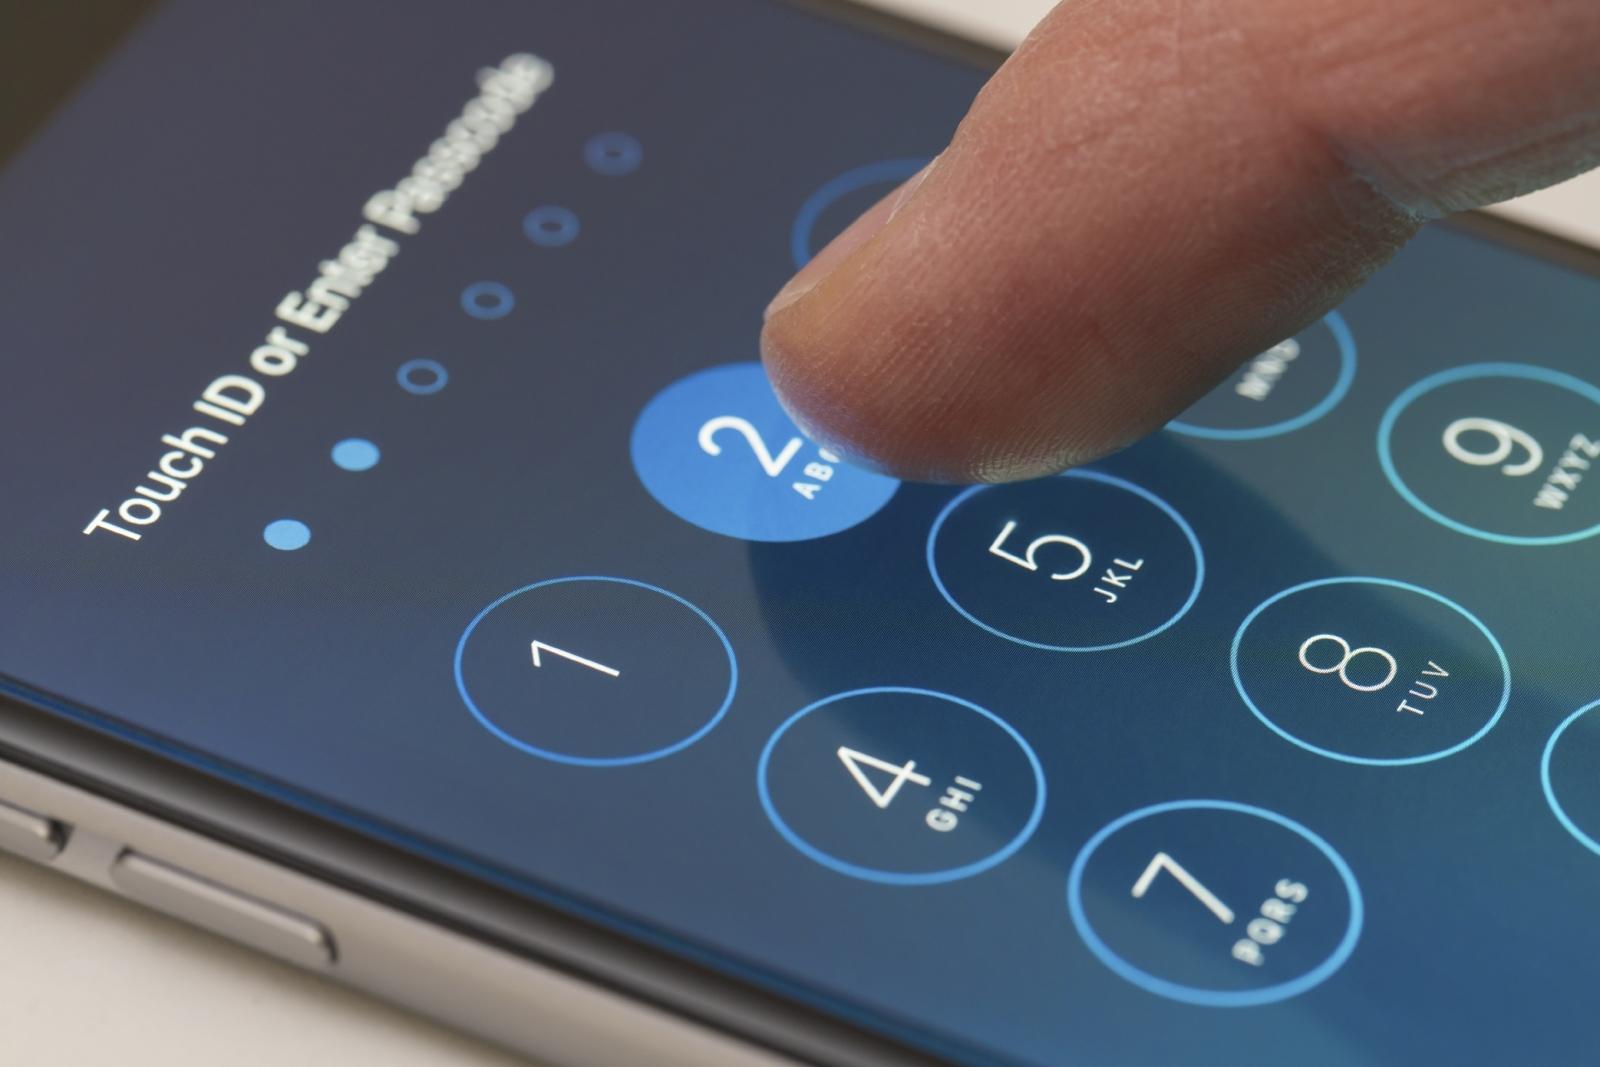 Phone passwords